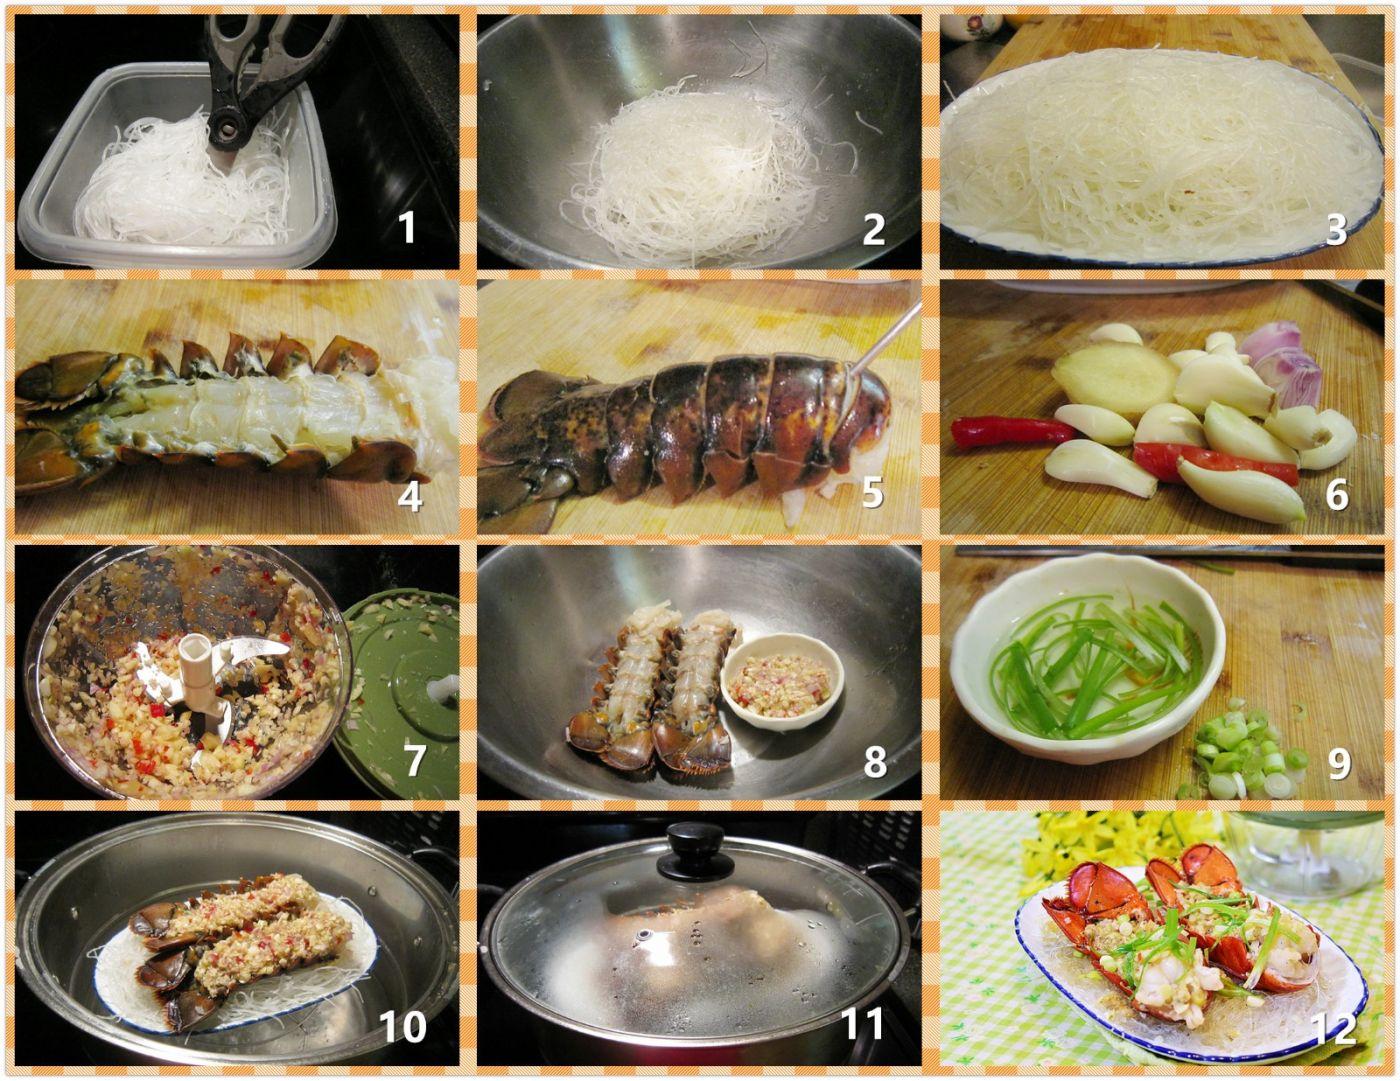 蒜茸粉丝龙虾尾_图1-2